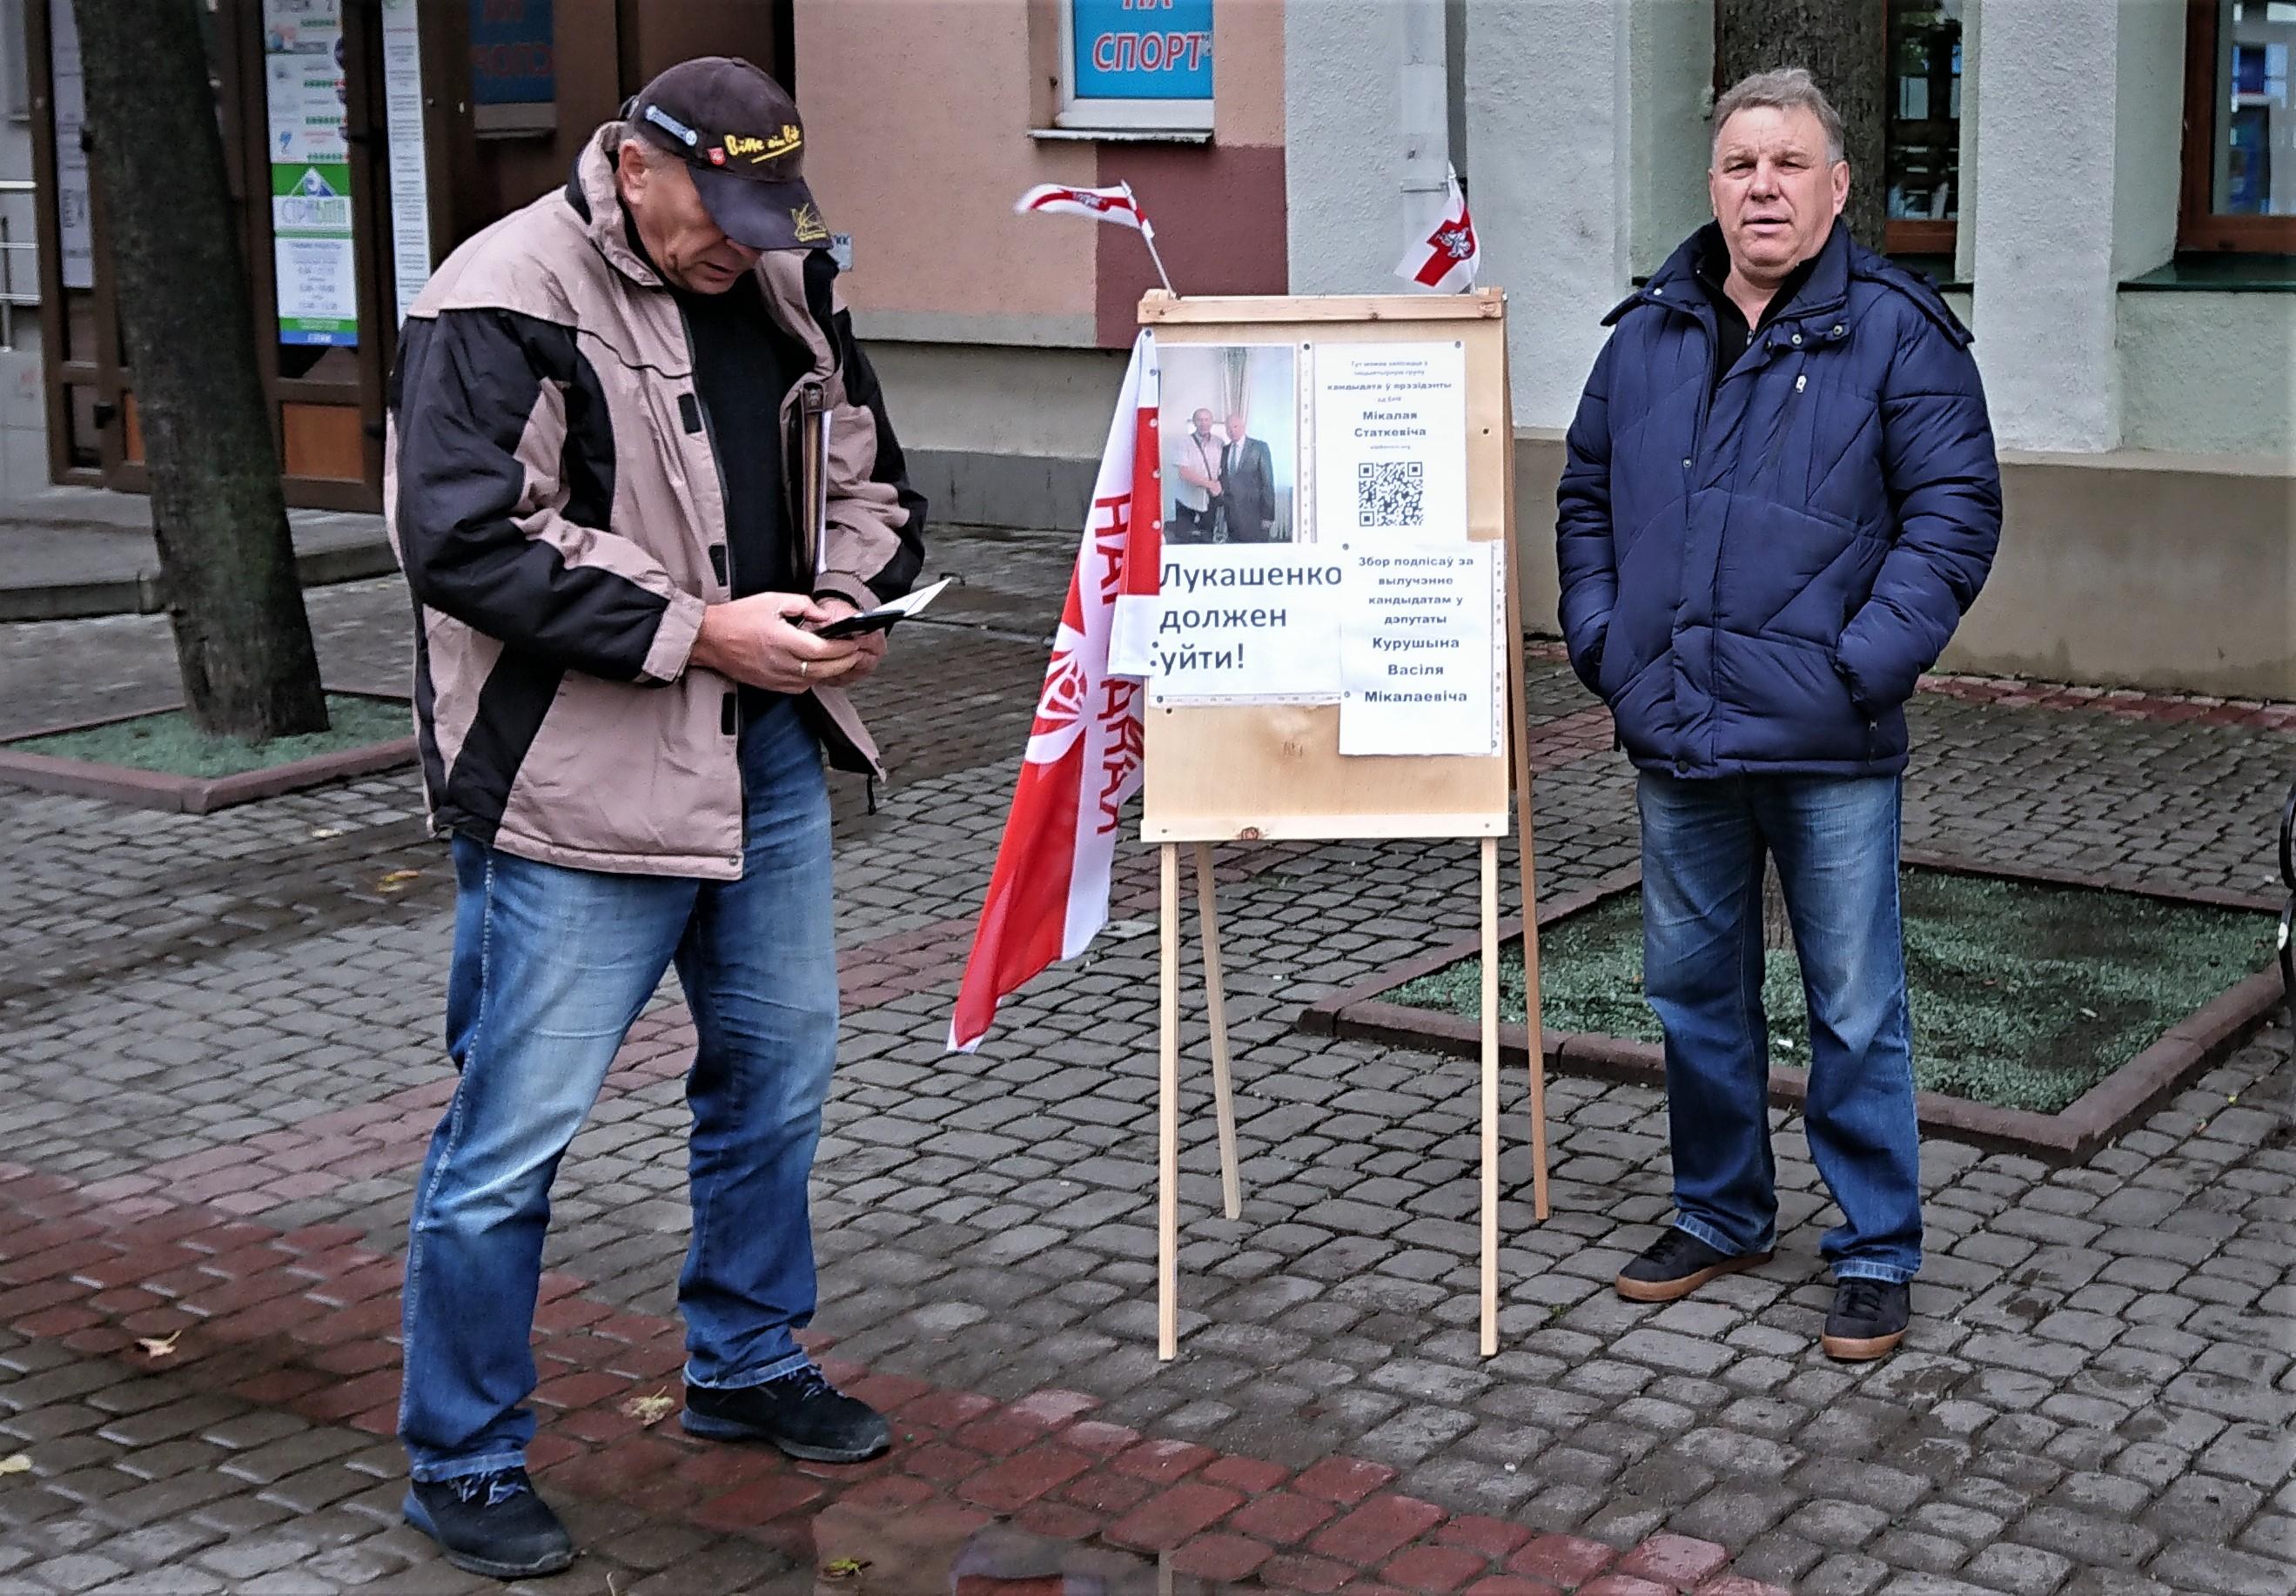 В Могилеве выдвиженцу в парламент, который призывает уйти Лукашенко в отставку, вынесли предупреждение